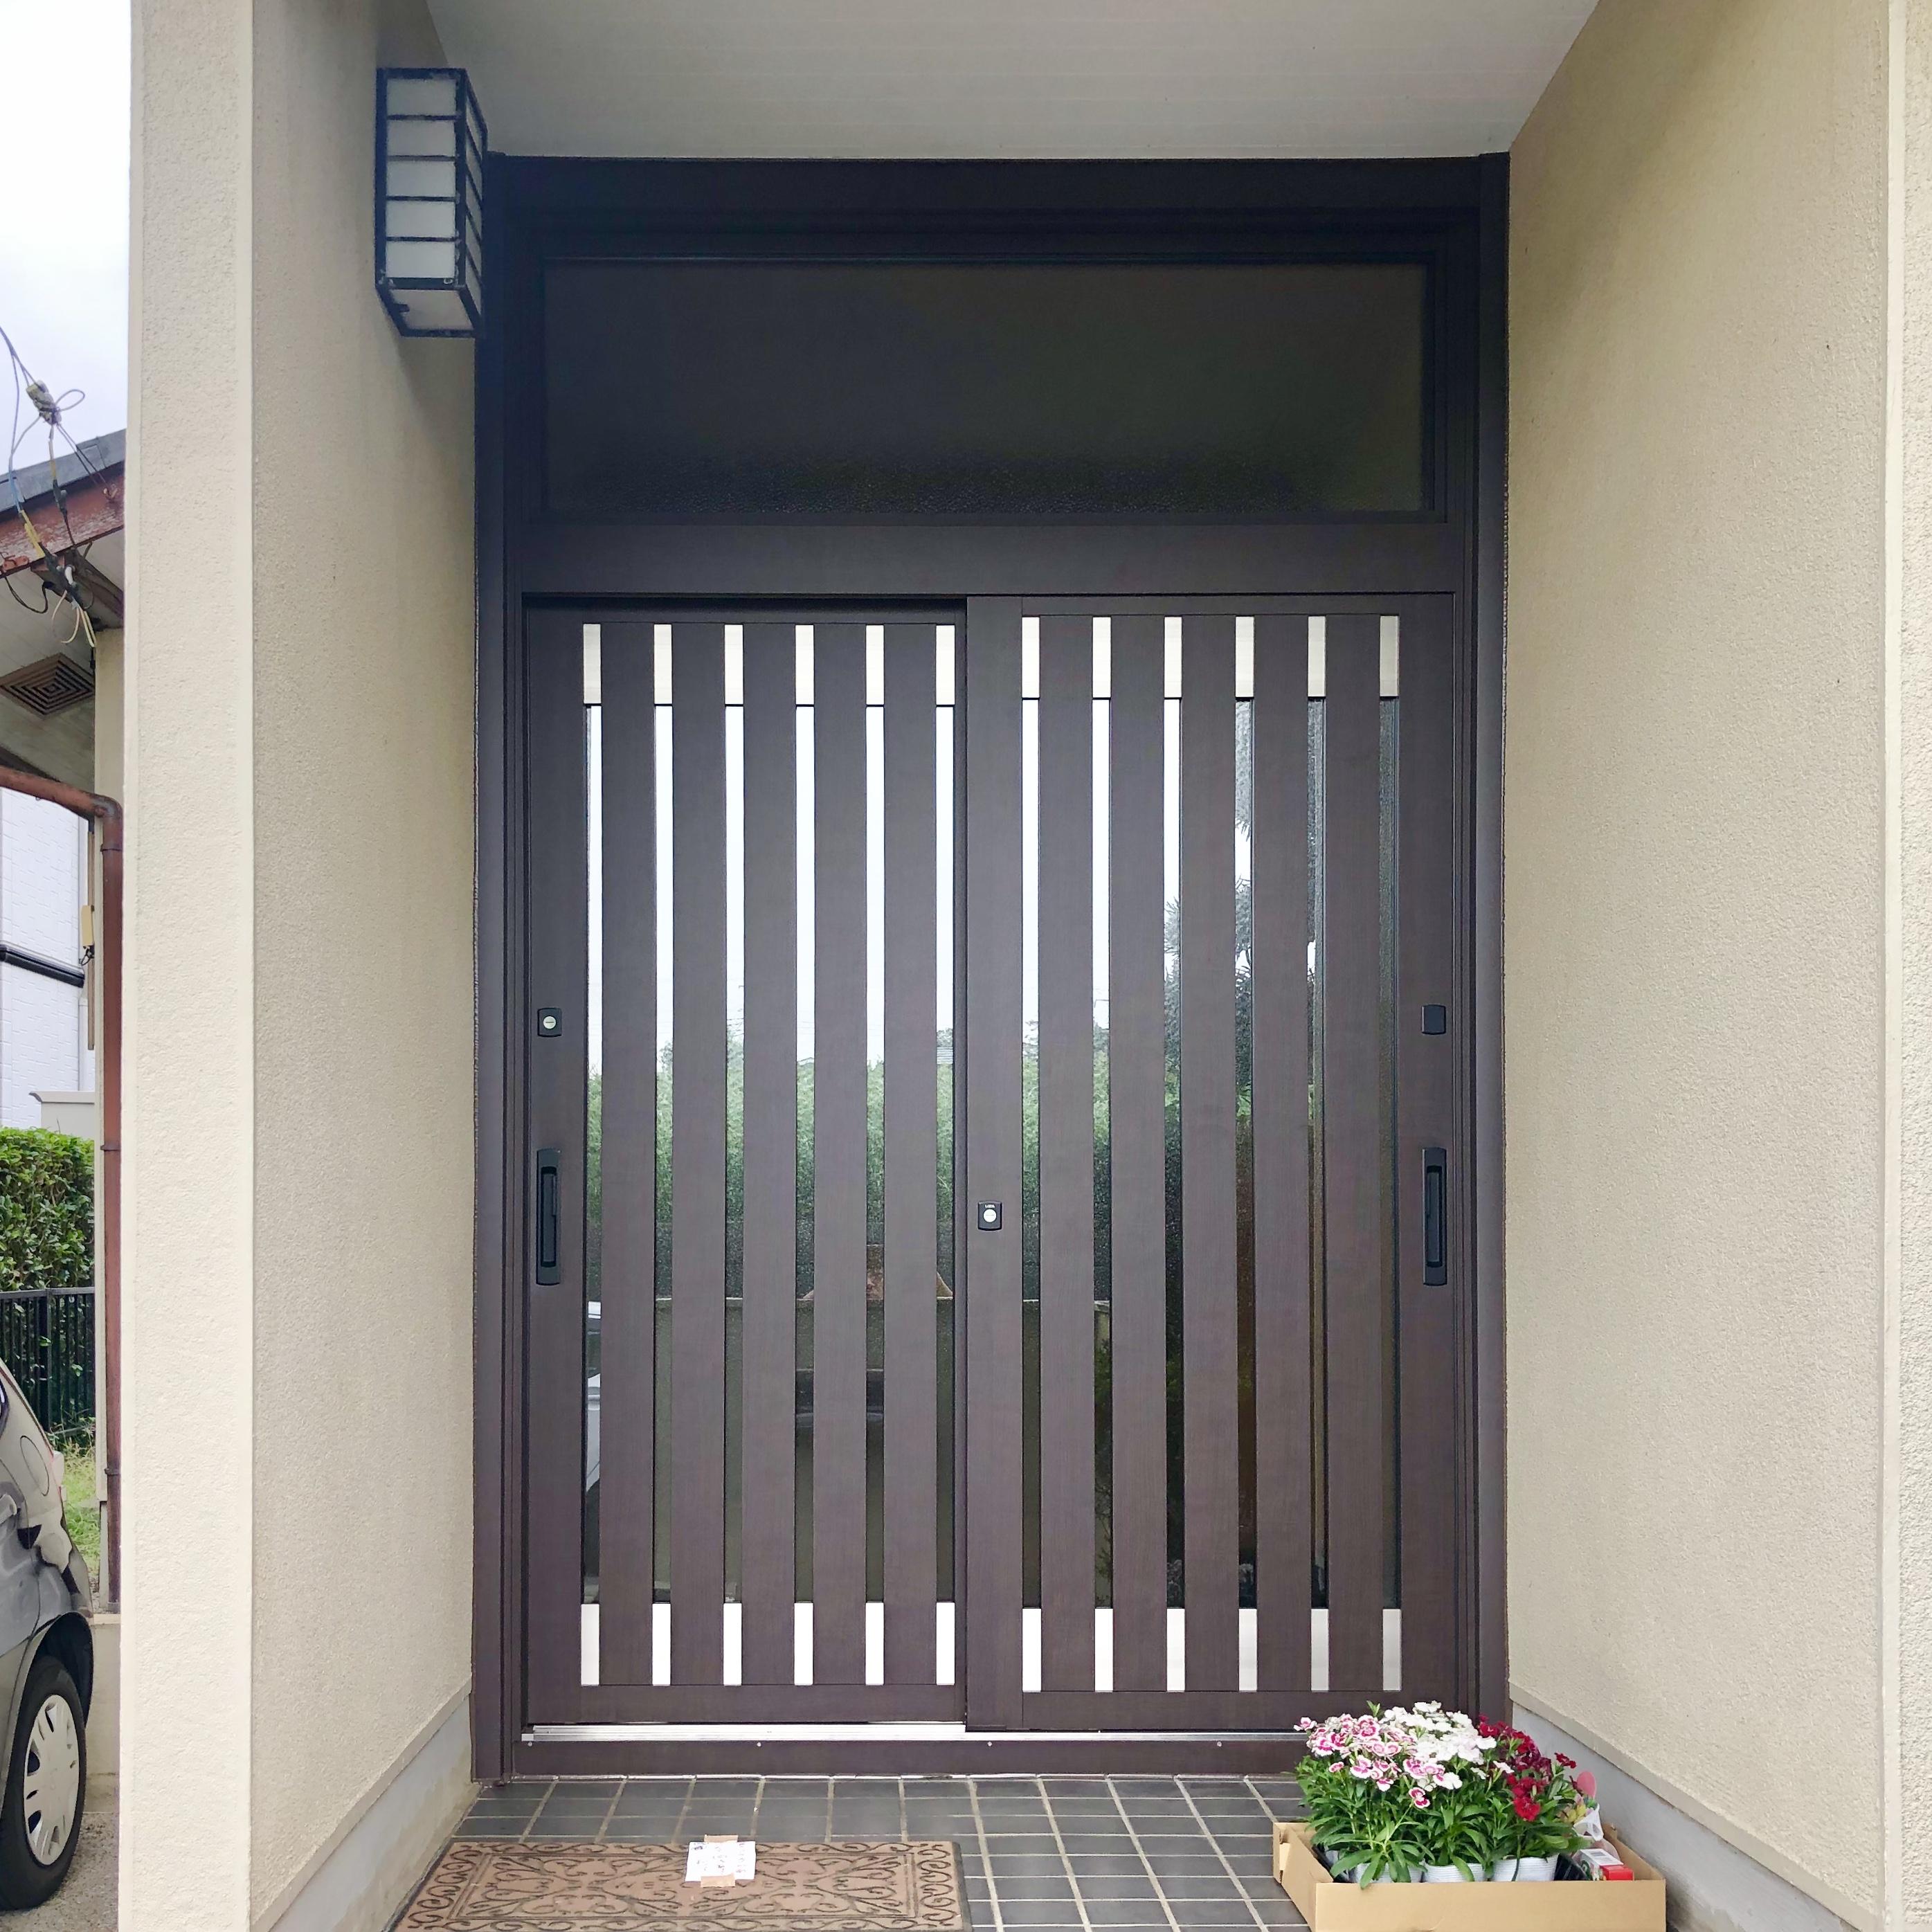 千葉県佐倉市 U様 玄関リフォームで防犯・防音対策✨